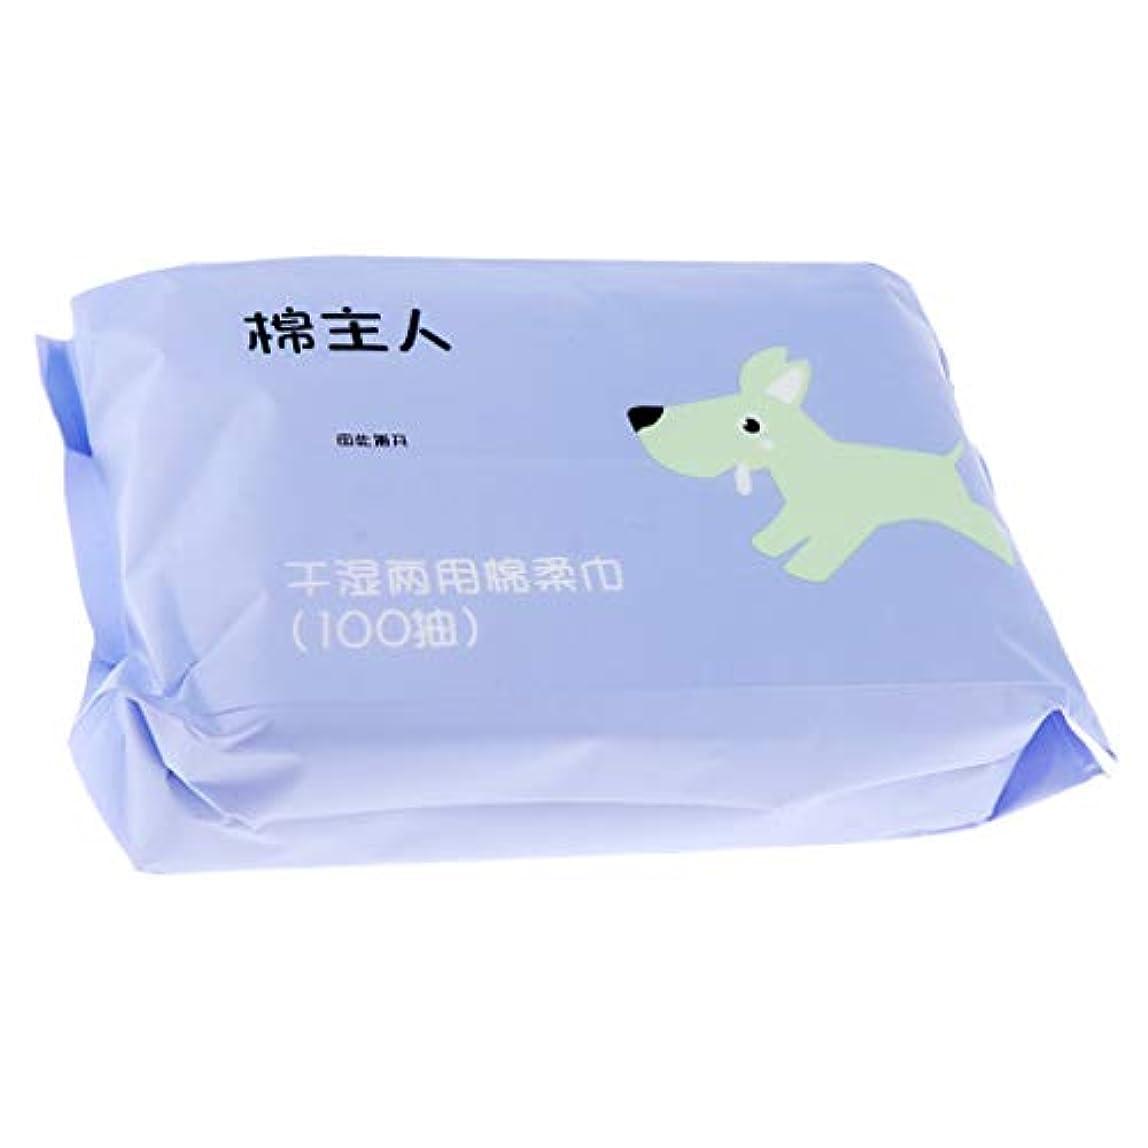 値するキャストマスクPerfeclan 約100枚 クレンジングシート フェイス クリーニング タオル メイク落とし 清潔 衛生 非刺激 - 青紫